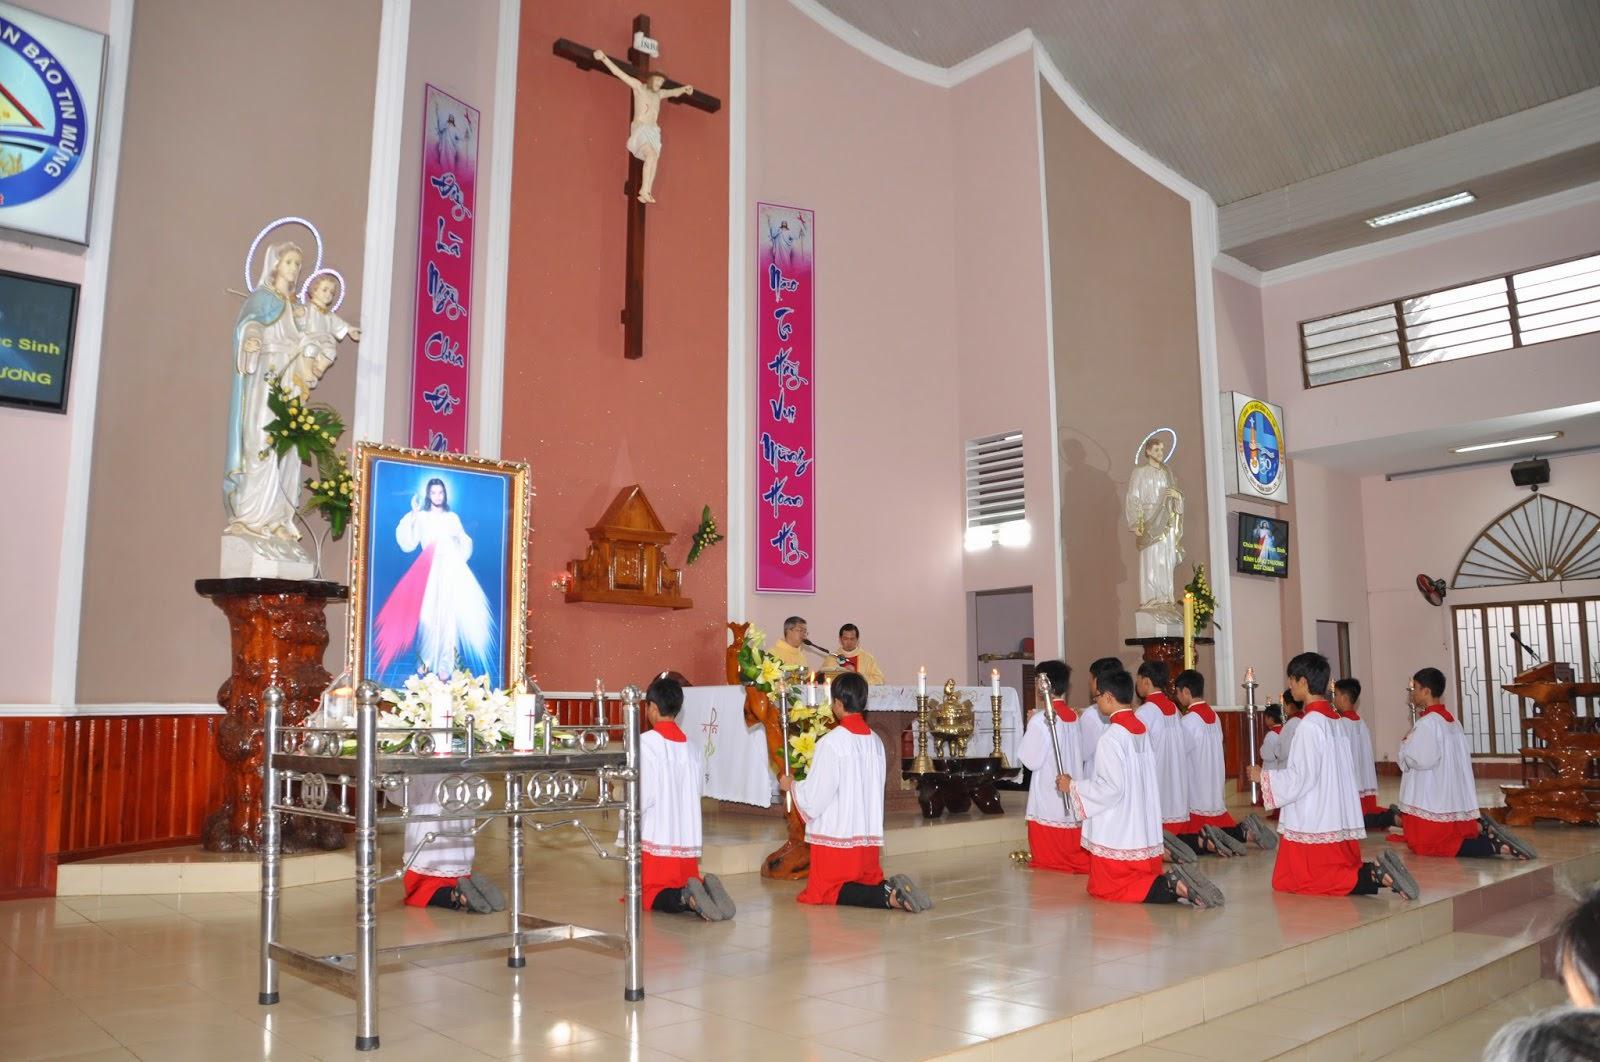 Tại sao phải tham dự Thánh Lễ Chúa Nhật? - Ảnh minh hoạ 5